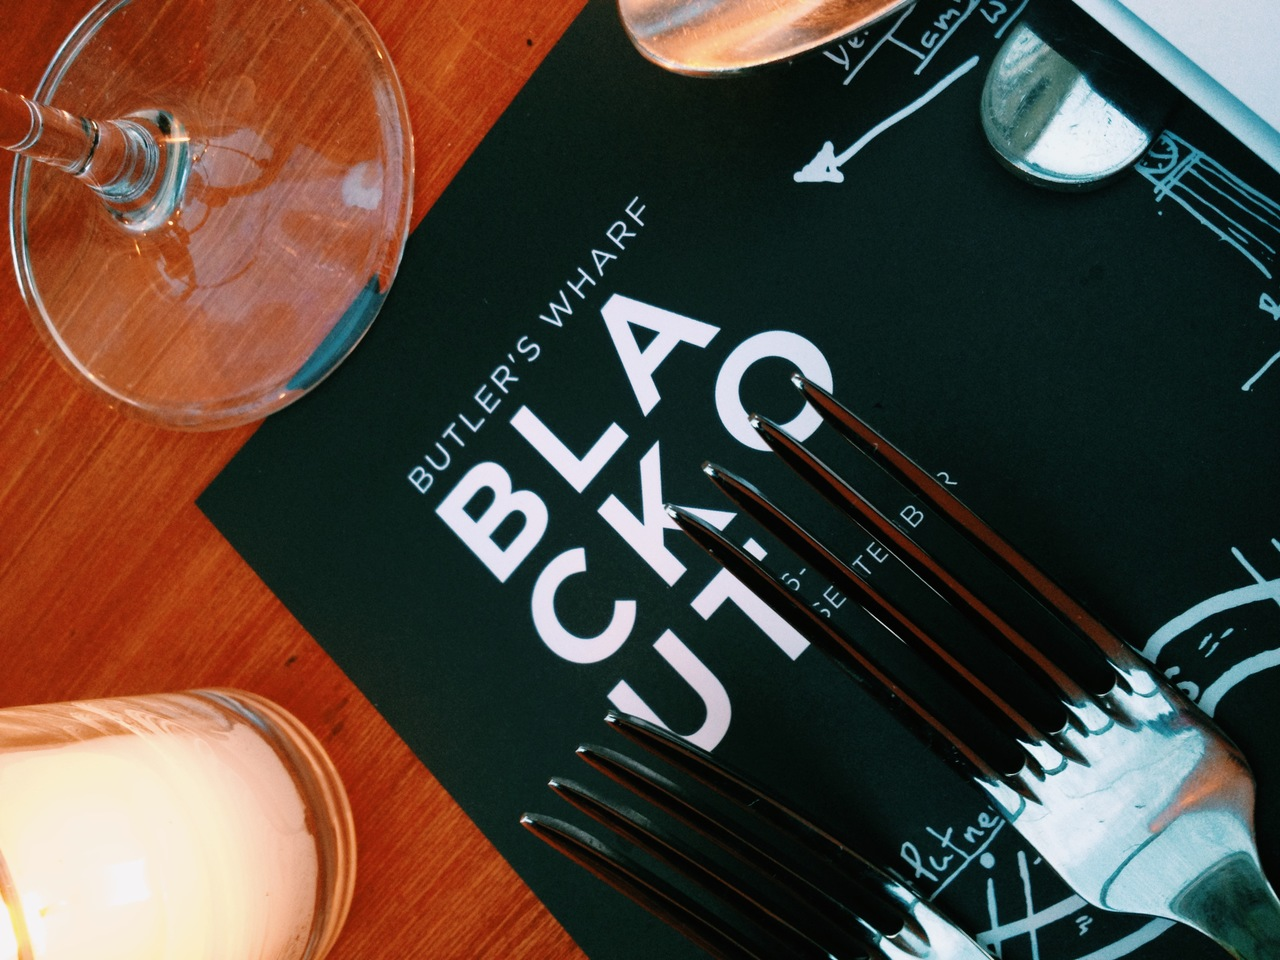 blackout banquet